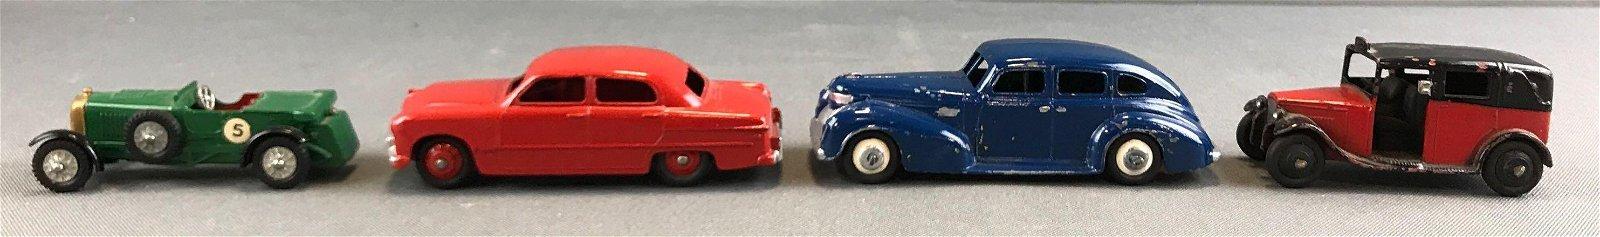 Group of 4 vintage die cast vehicles